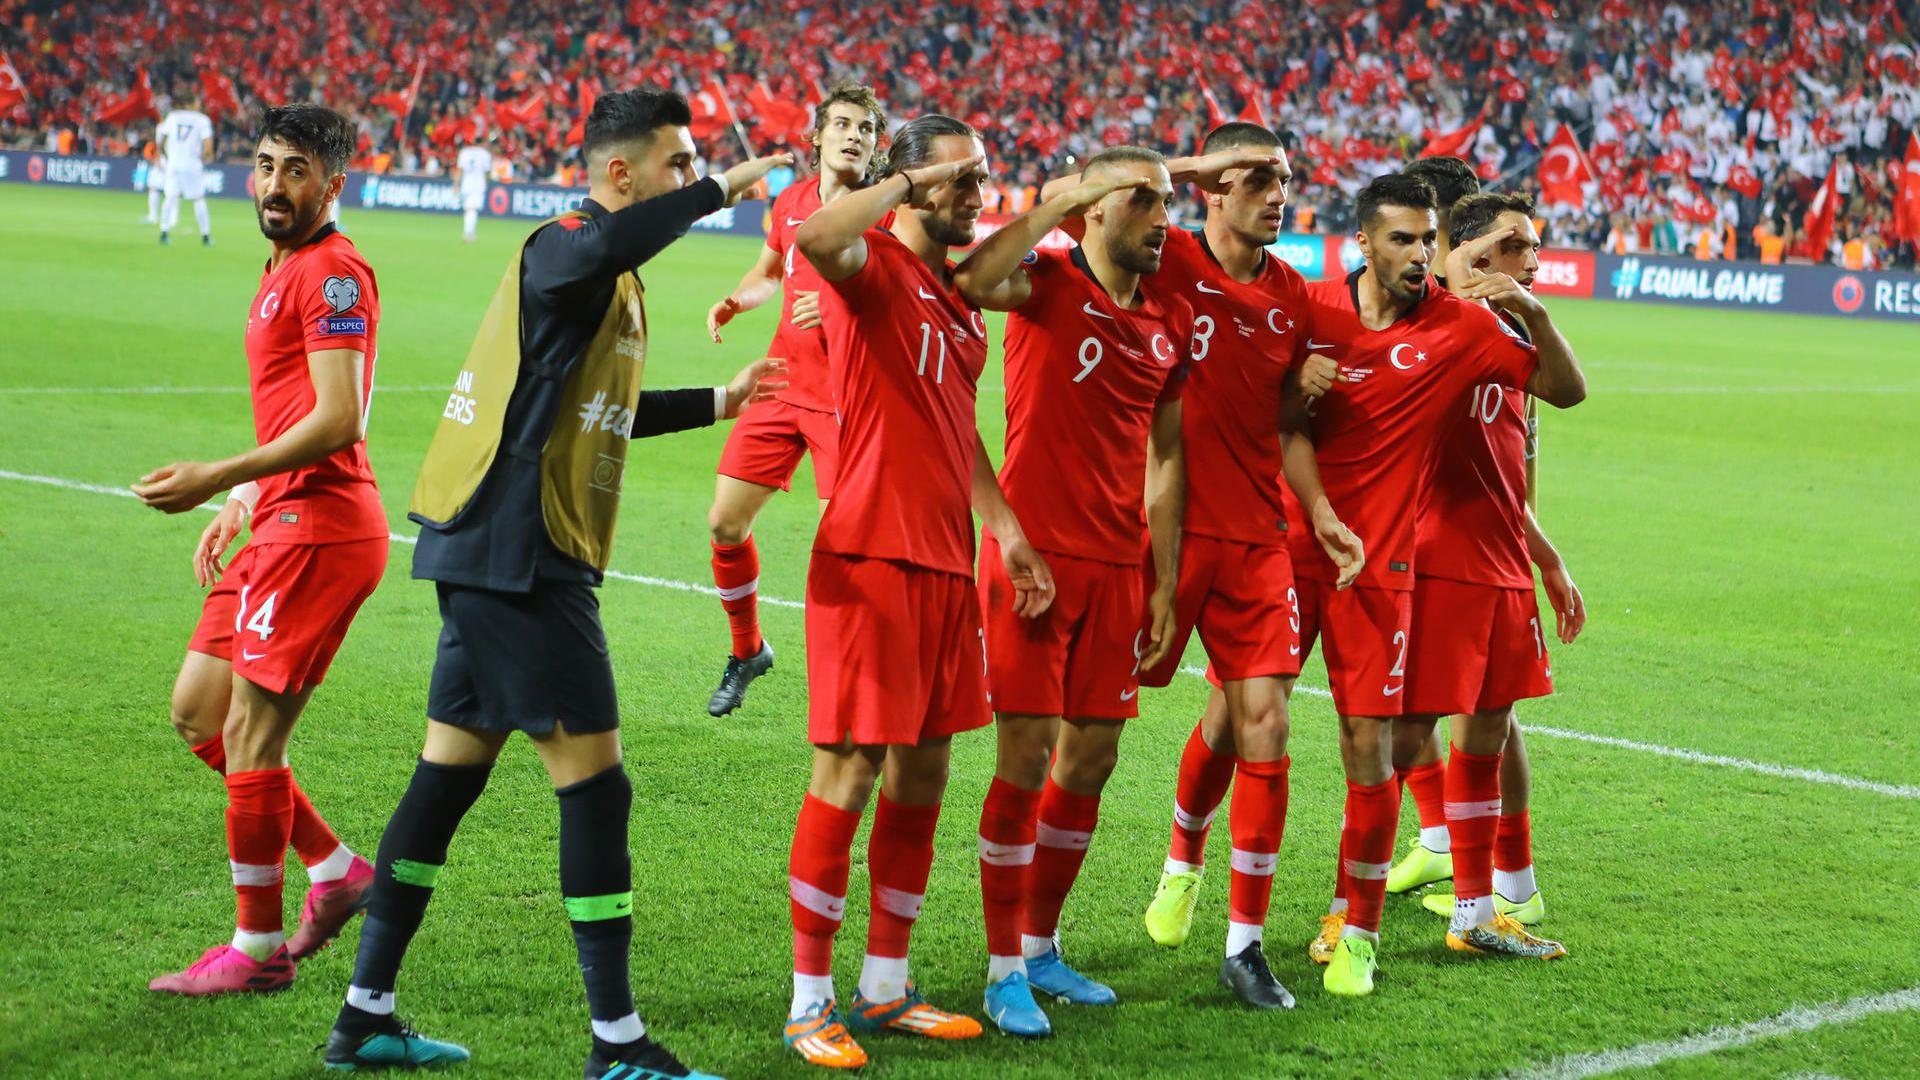 Provokation Bei Torjubel Uefa Pruft Militargruss Der Turken Warum